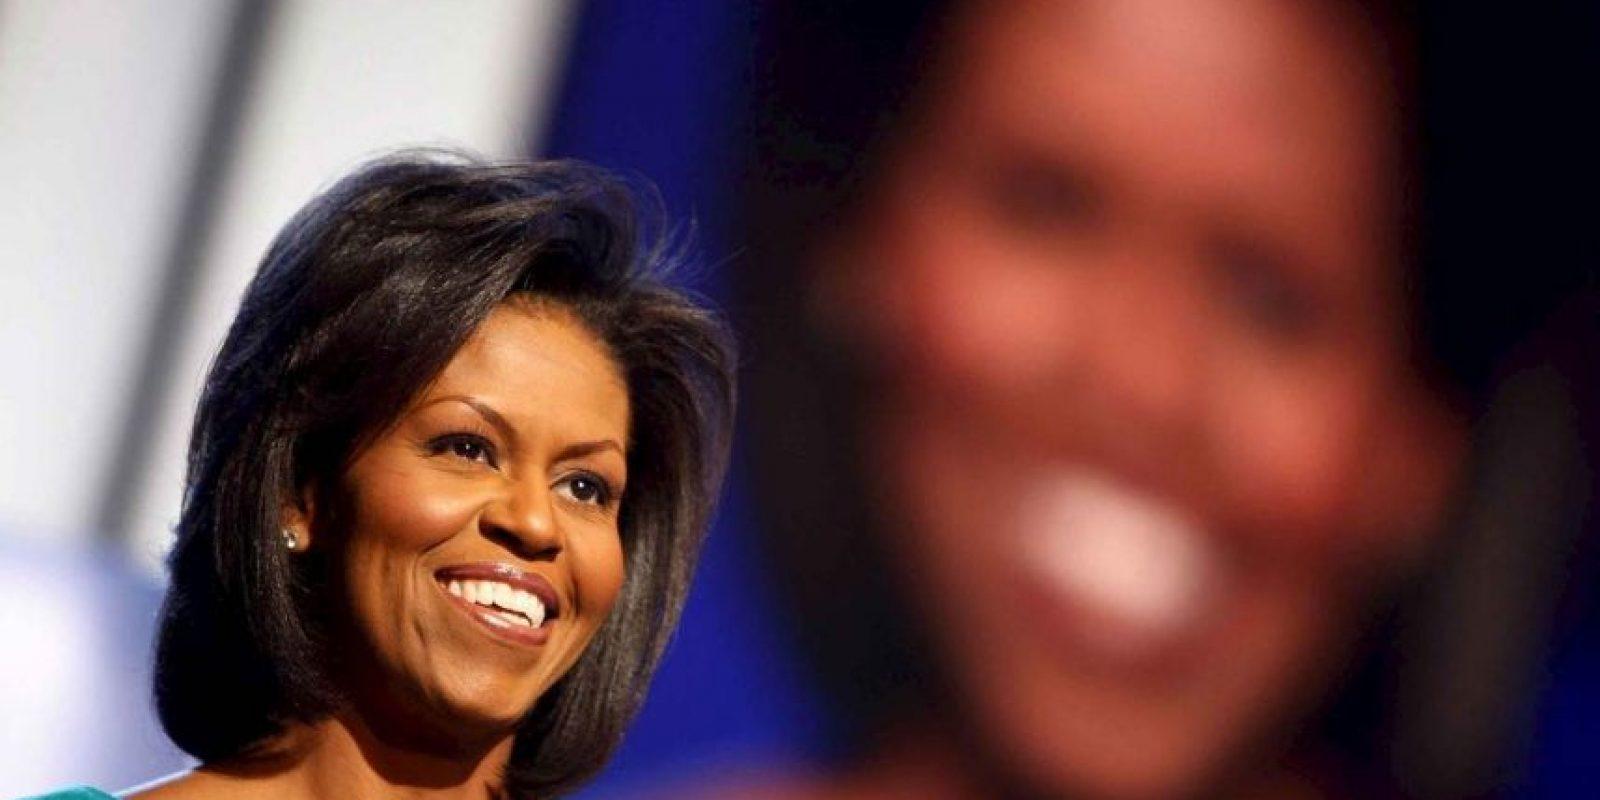 Michelle Obama ofreció un discurso sobre los valores que comparte con Barack Obama en el 2008.